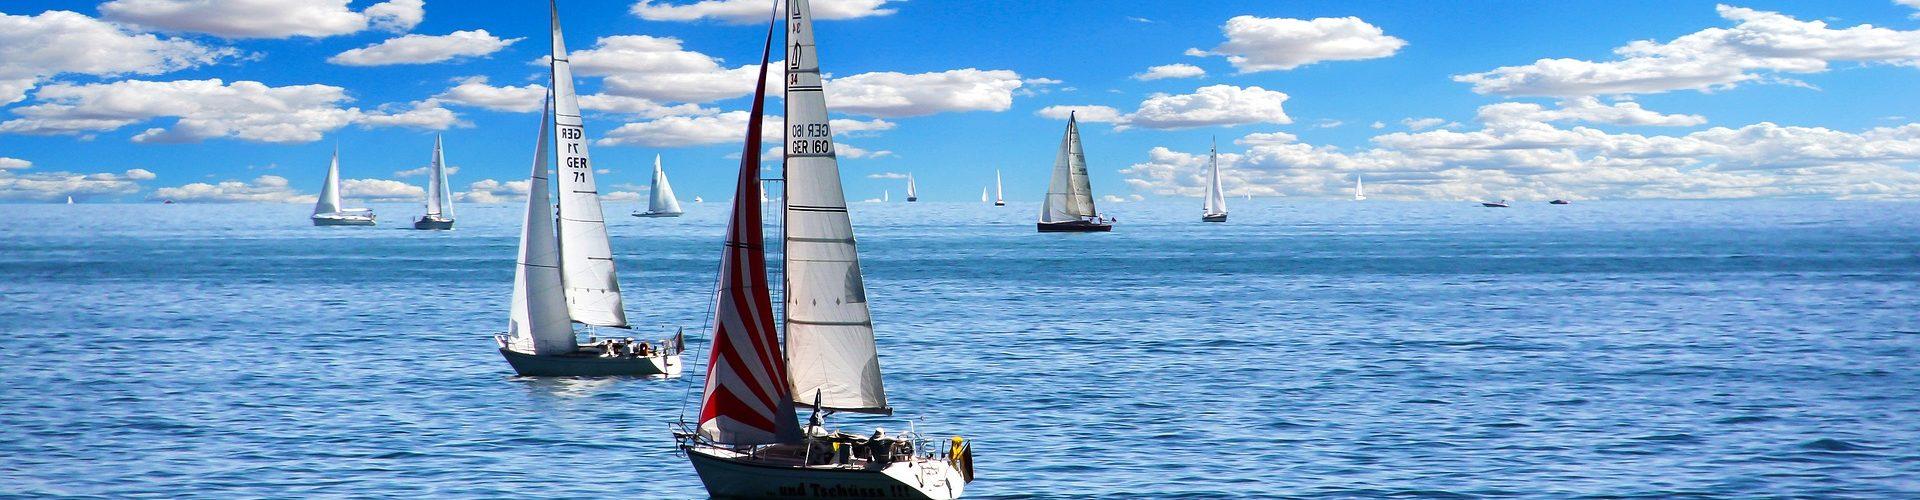 segeln lernen in Overath segelschein machen in Overath 1920x500 - Segeln lernen in Overath